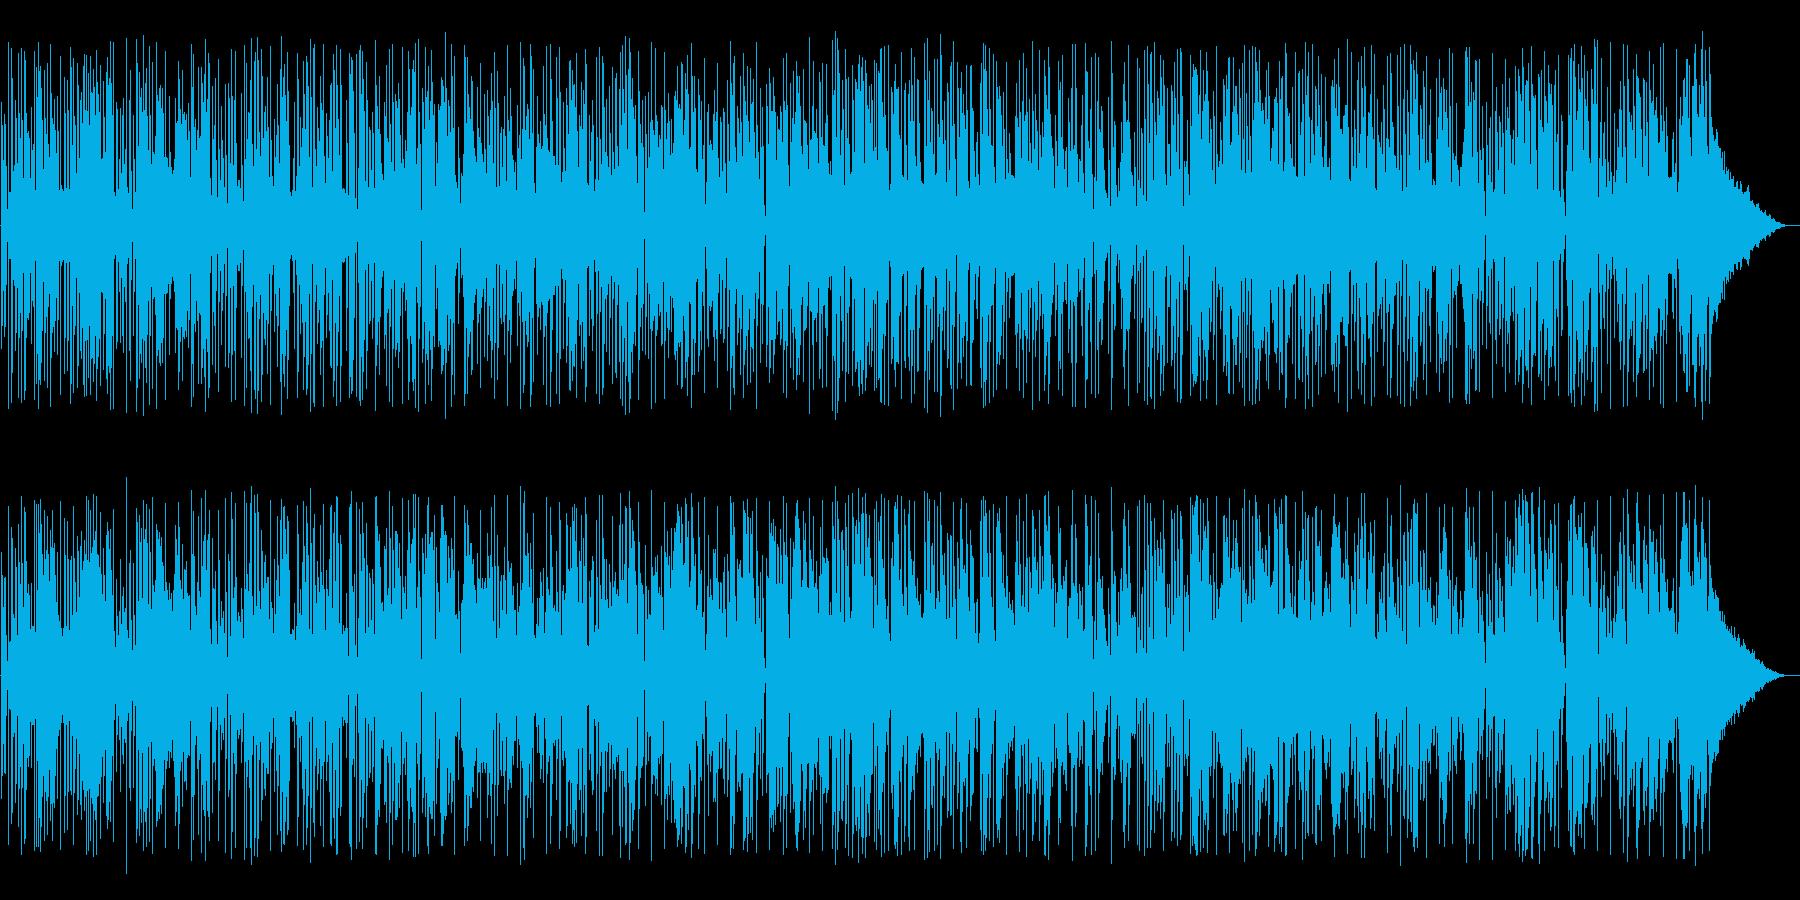 ほのぼのとしたレゲエソングの再生済みの波形